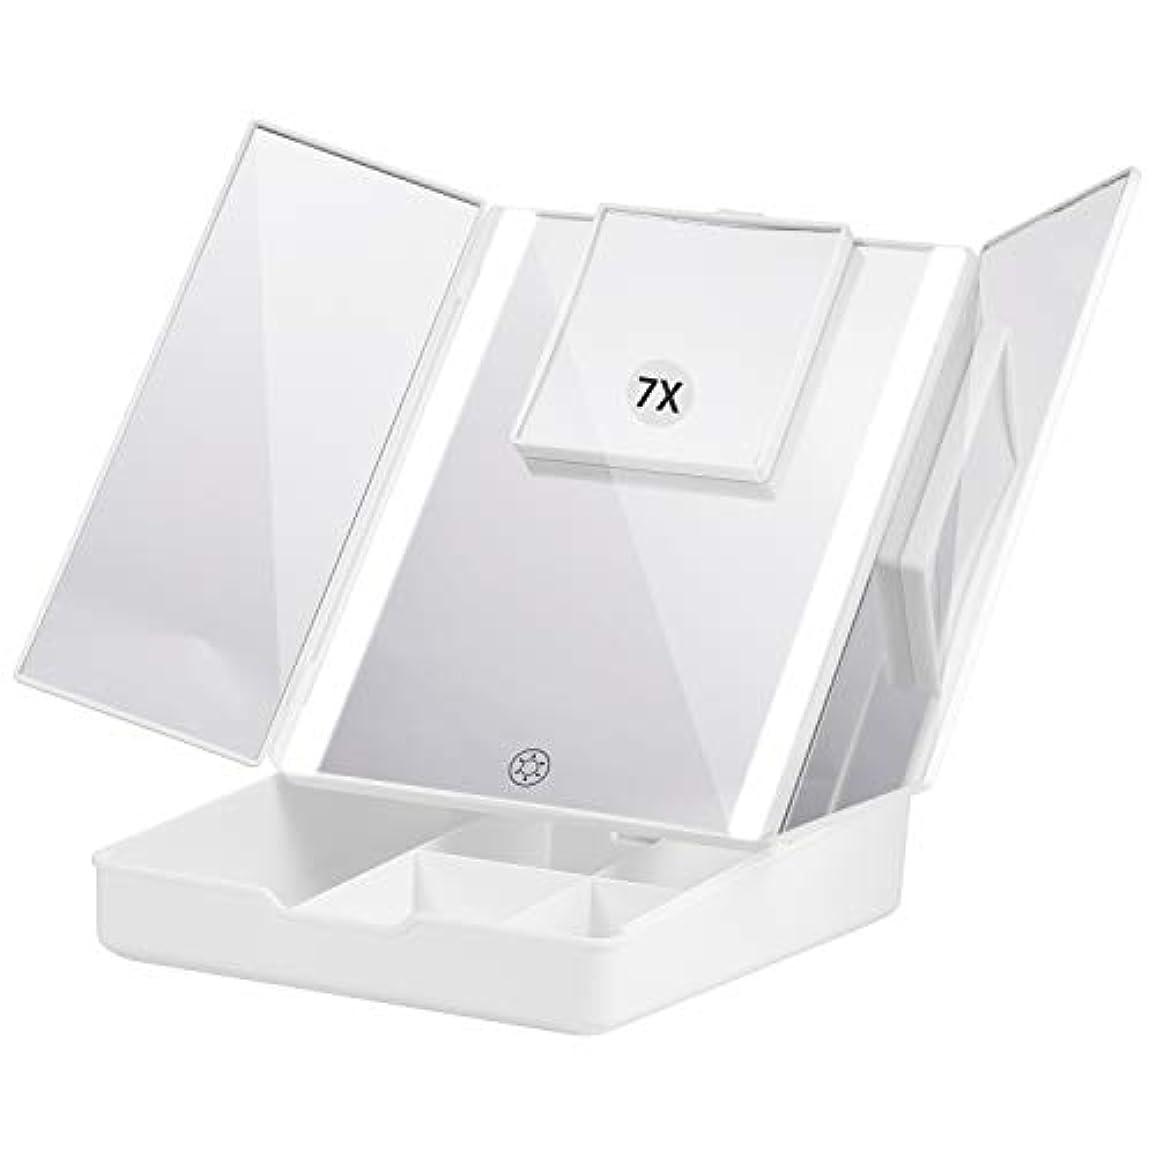 音声学著者取り付けFascinate 折りたたみ式三面鏡 化粧鏡 7倍拡大鏡付き 24個LED スタンドミラー USB&電池式 角度調整可能 収納ケース付き